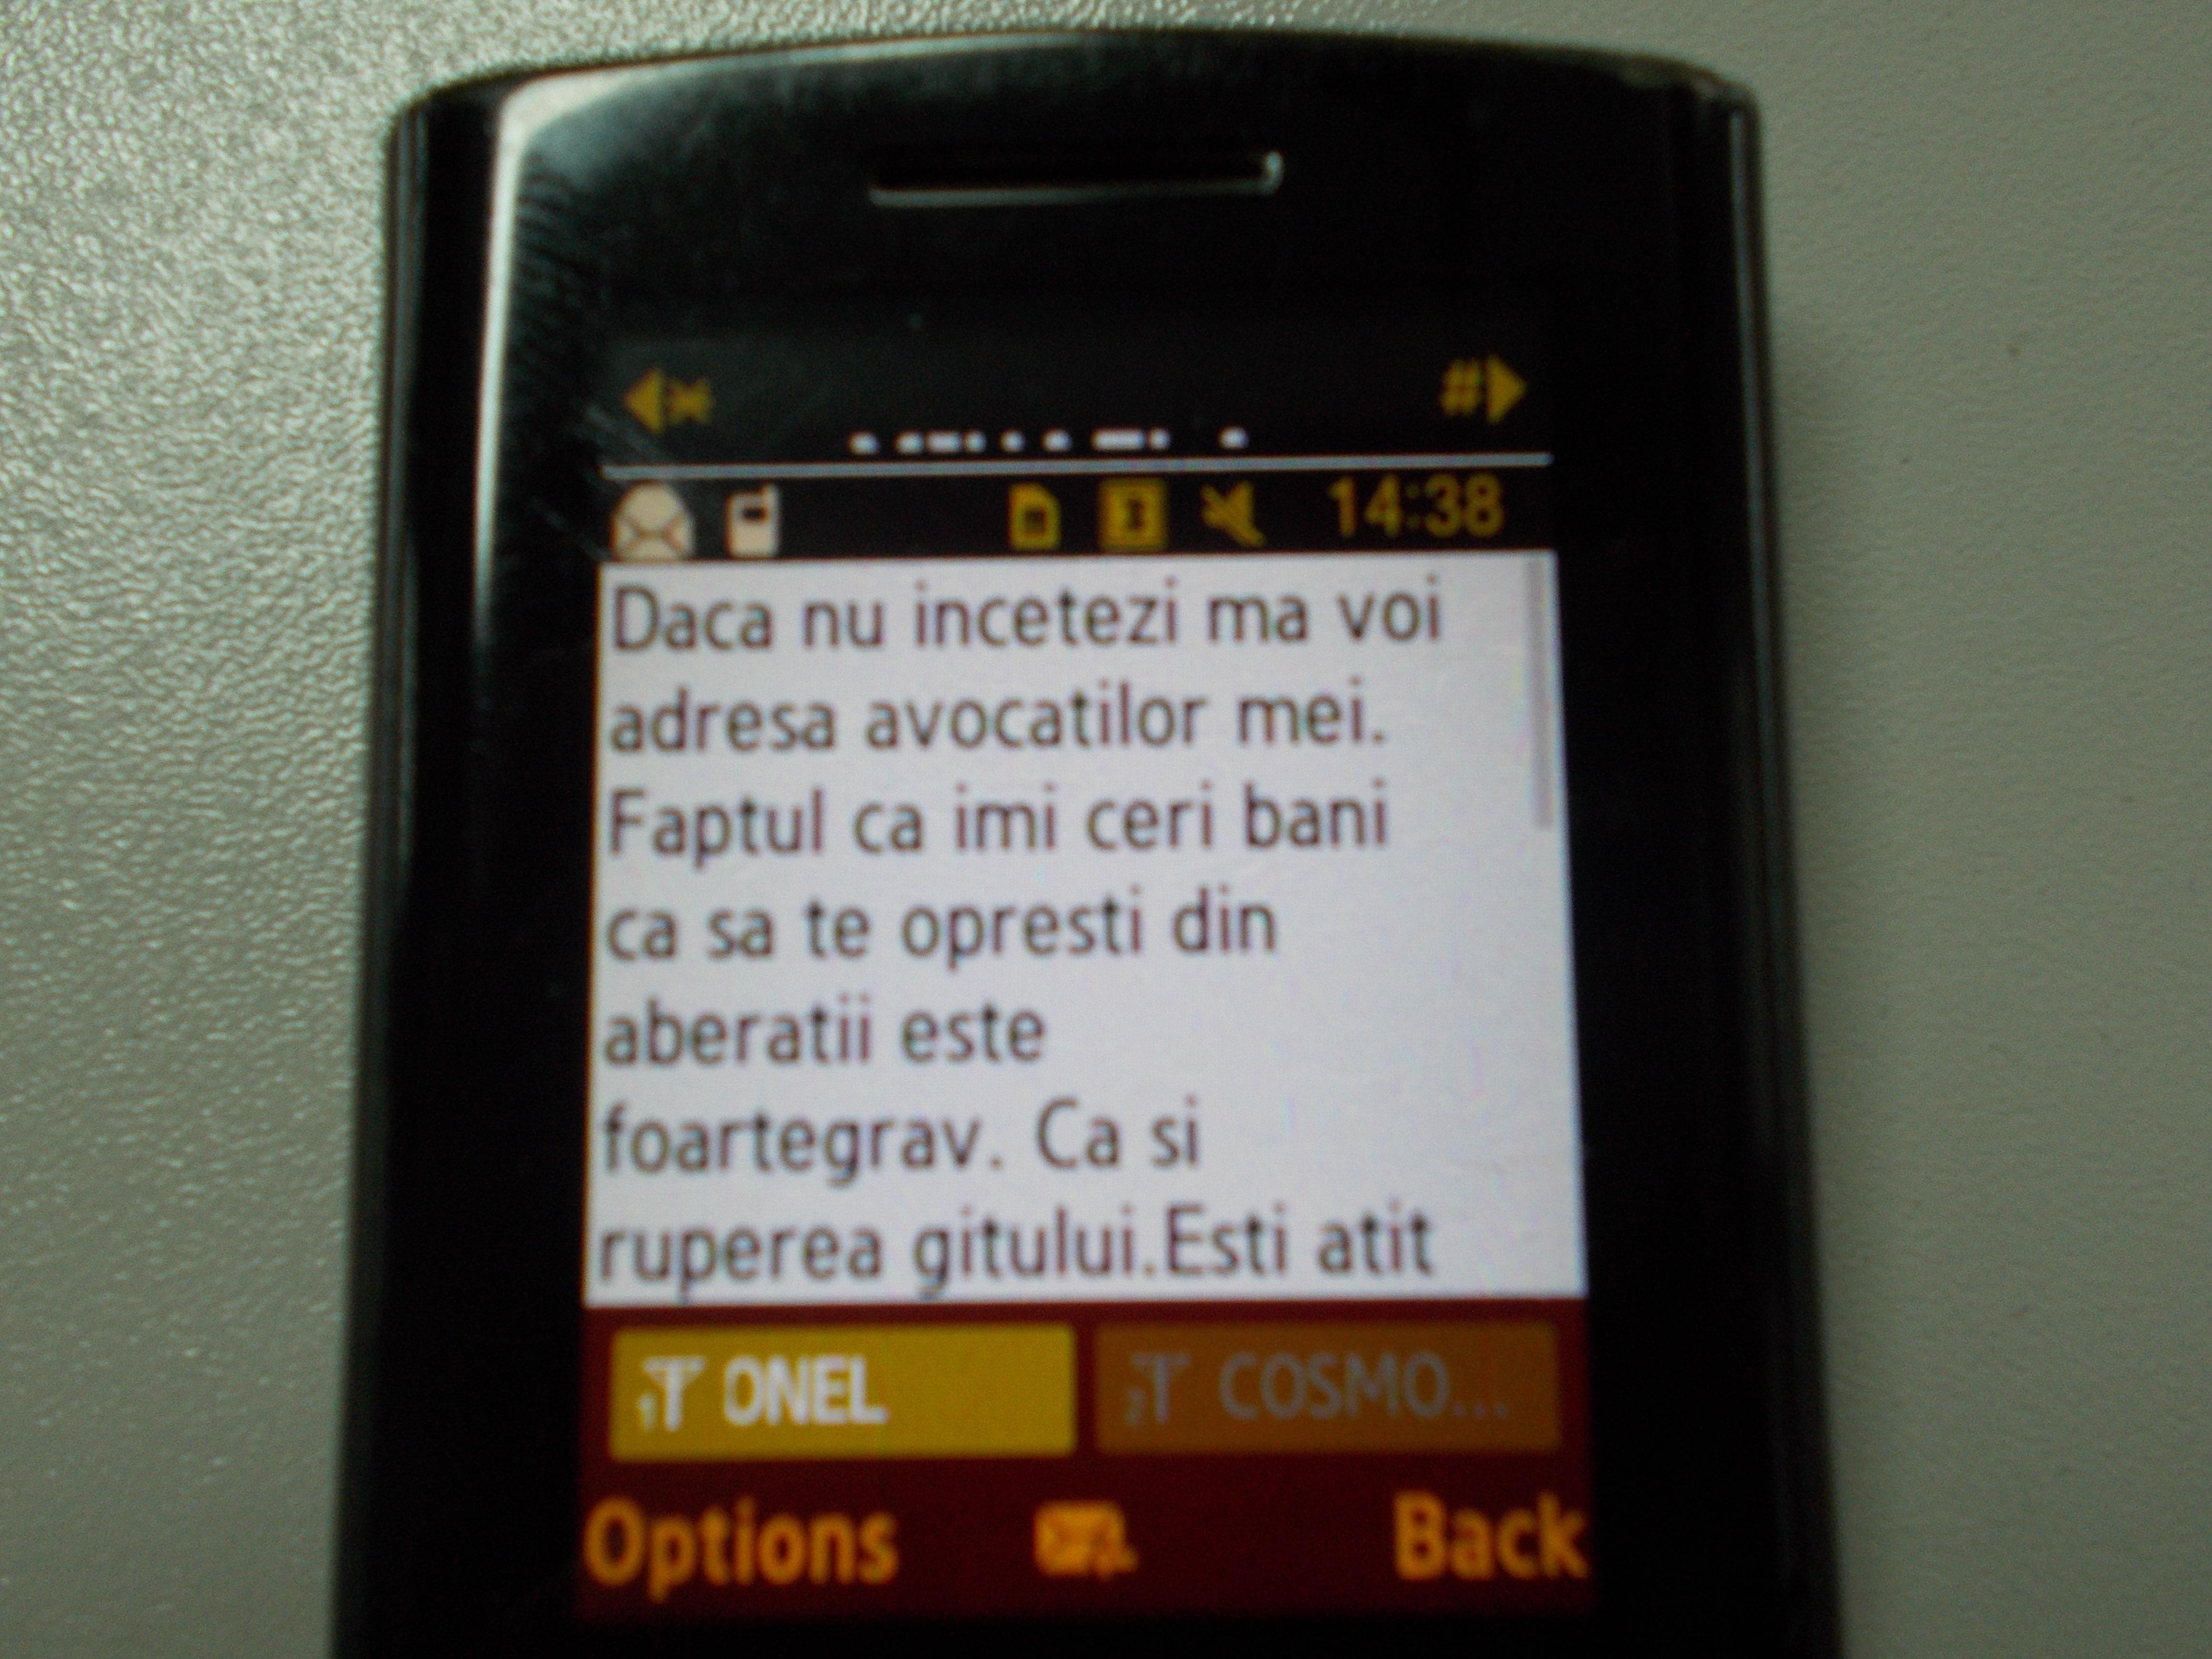 Mihaela Constantinescu i-a trimis lui marculescu un mesaj in care il acuza de santaj